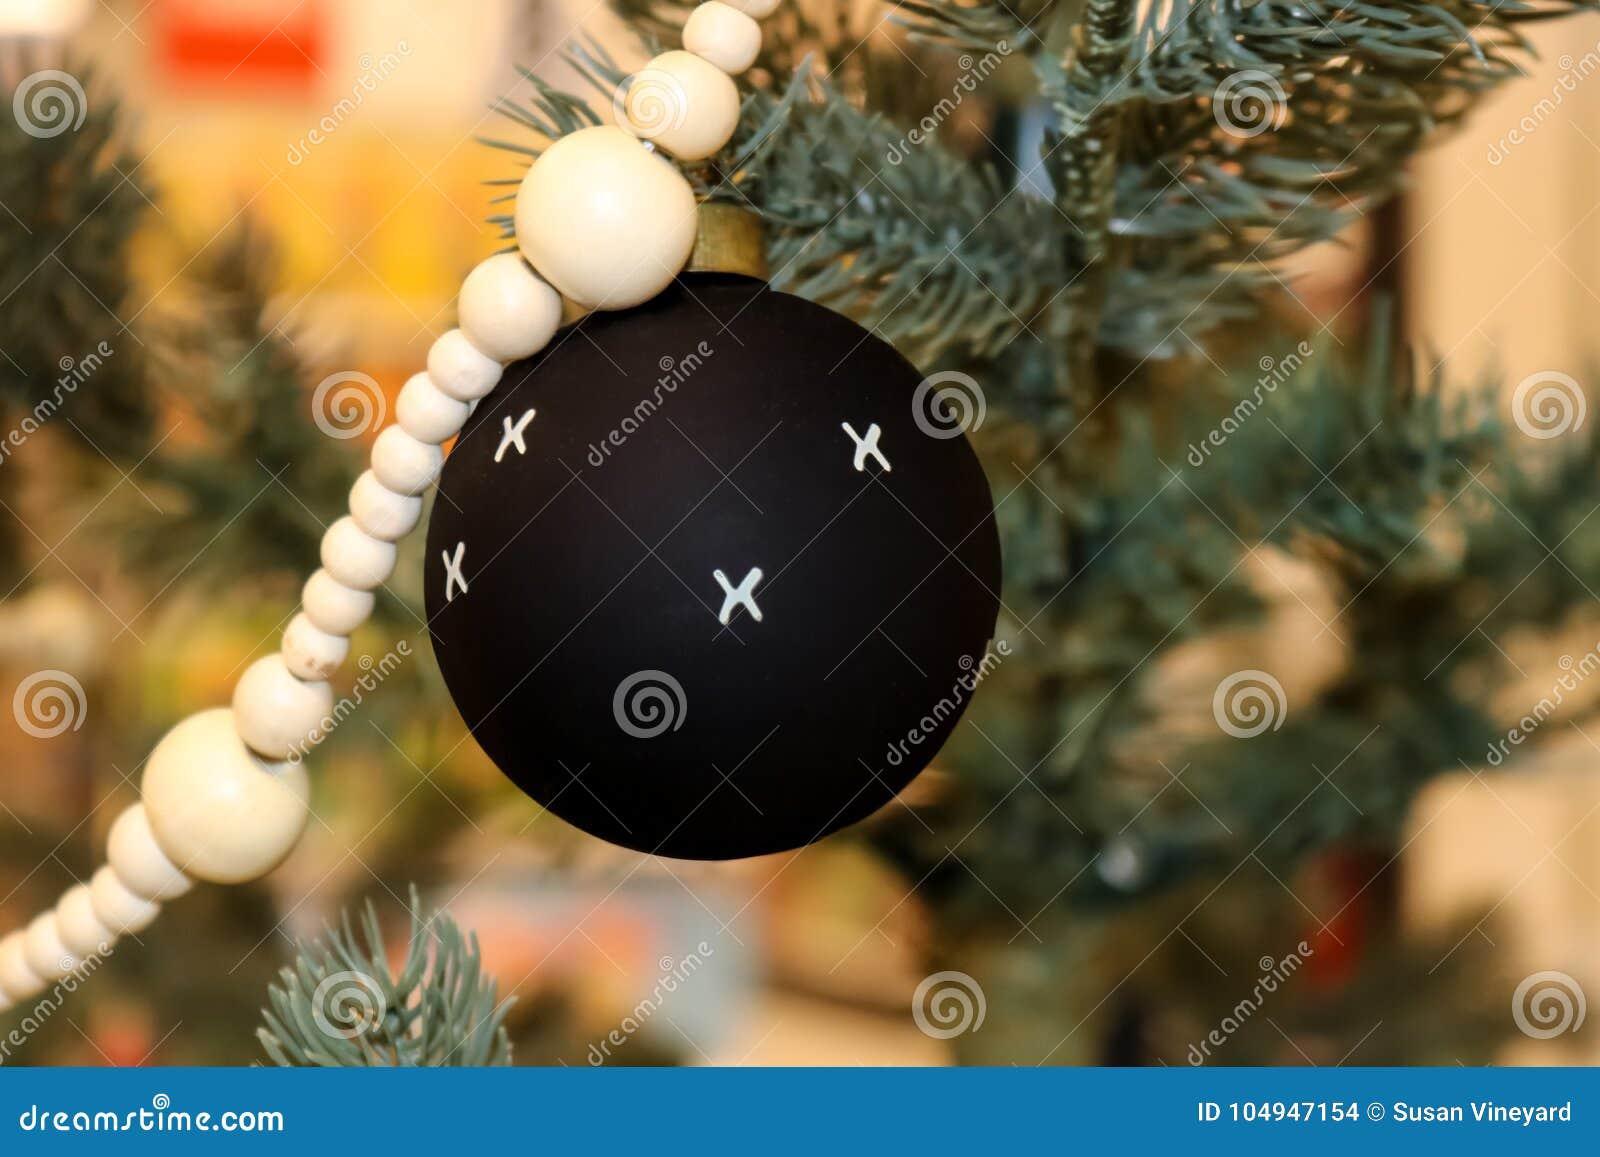 Μαύρη σφαίρα Χριστουγέννων με άσπρο Xs με άλλες διακοσμήσεις